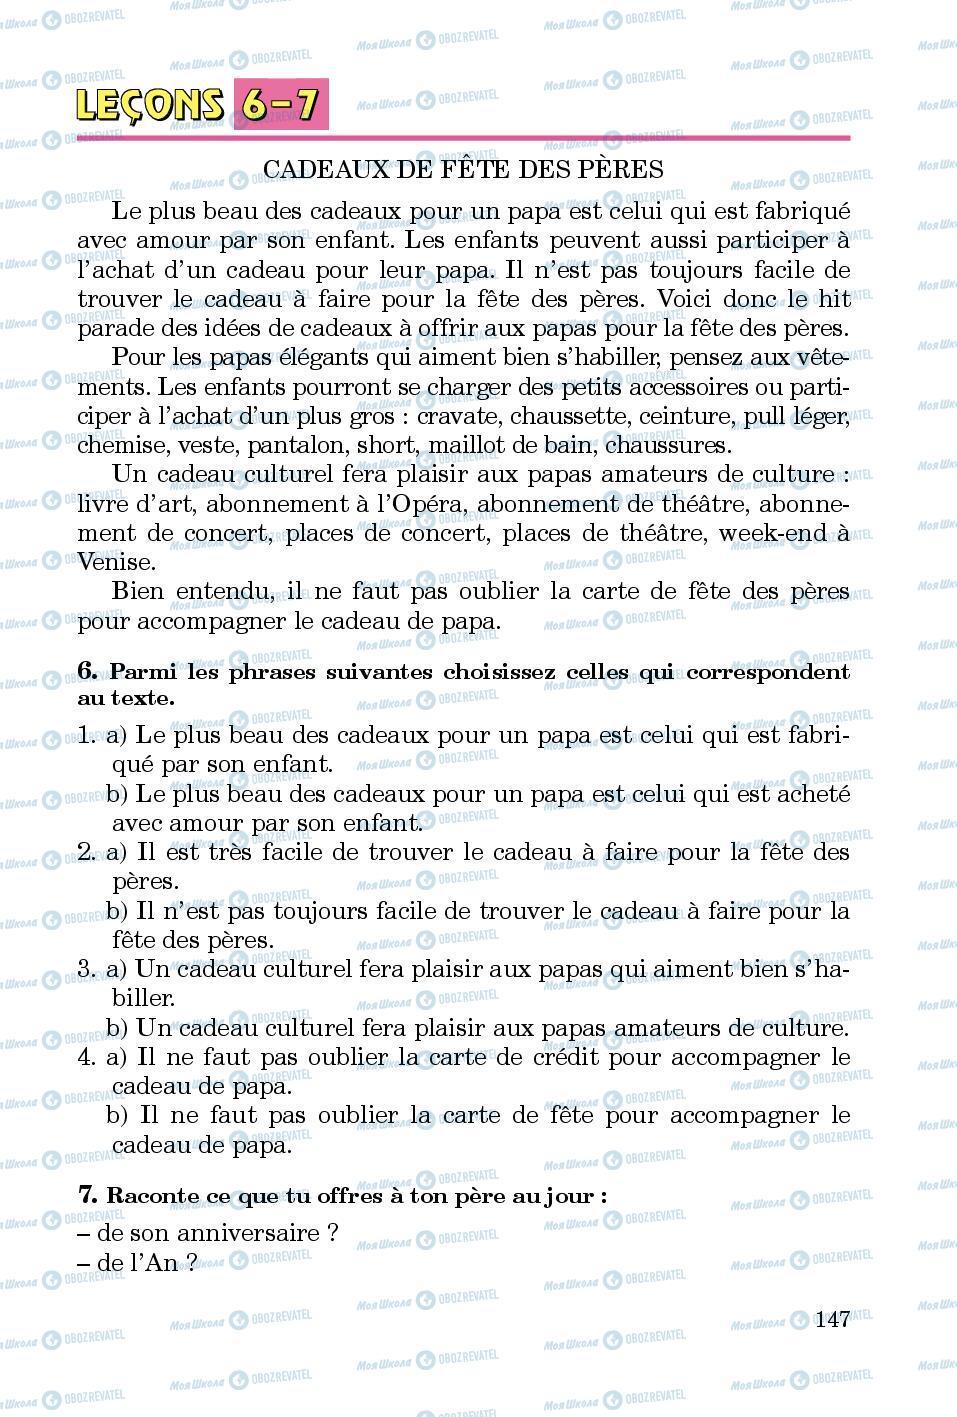 Підручники Французька мова 5 клас сторінка 147